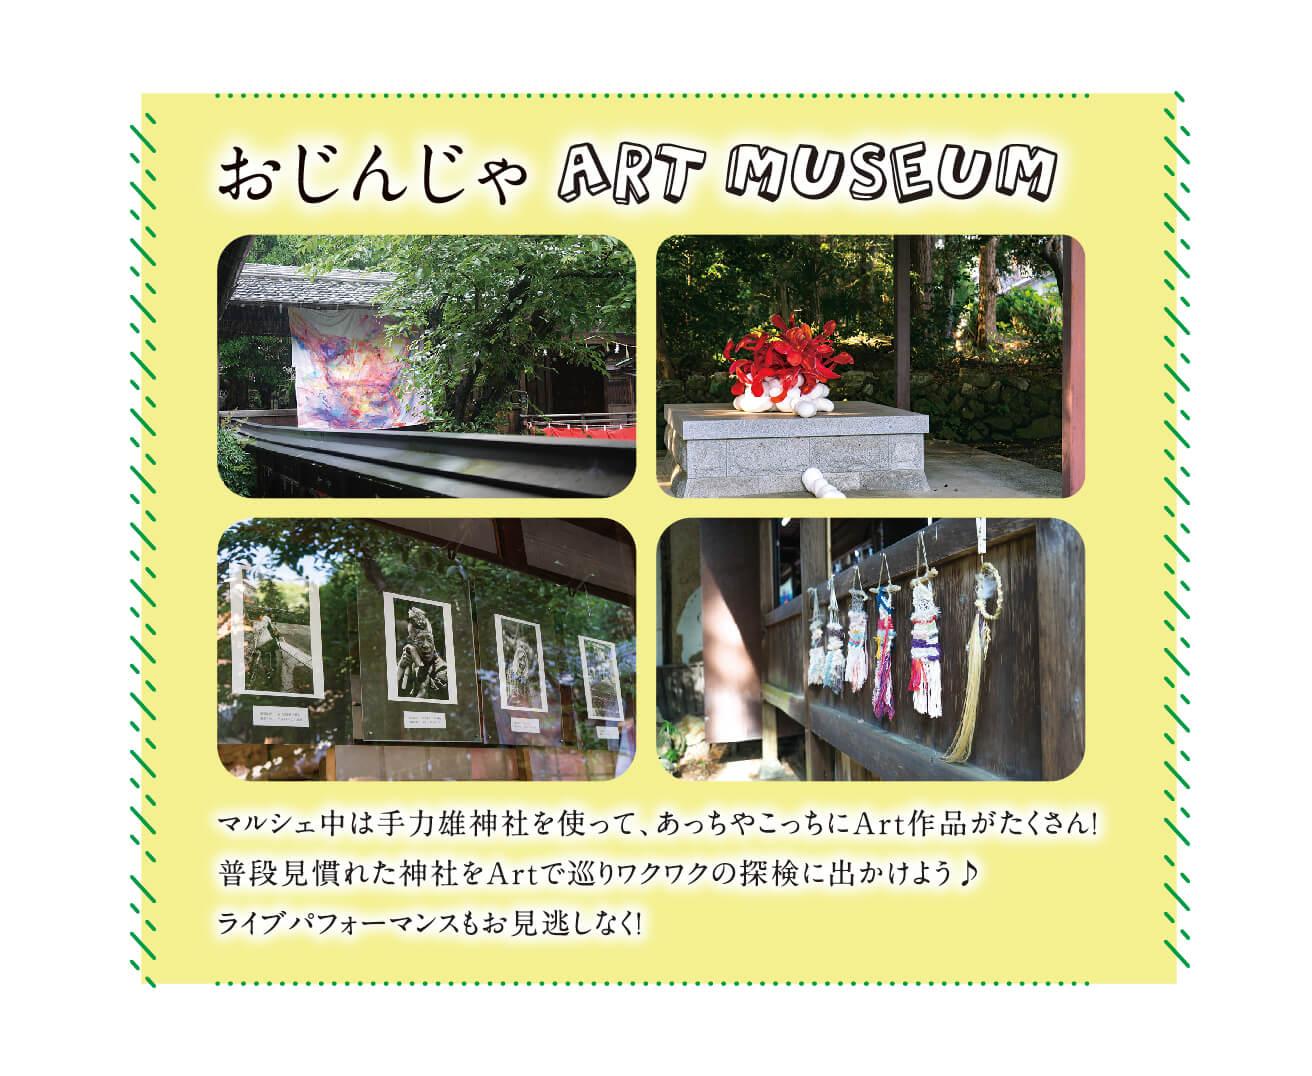 ART MUSEUMエリアにて、手力雄神社のいろいろな謎に迫りつつ、アート展示も各アーティストと巡ってみましょう♪集合はART MUSEUM 入り口にて!